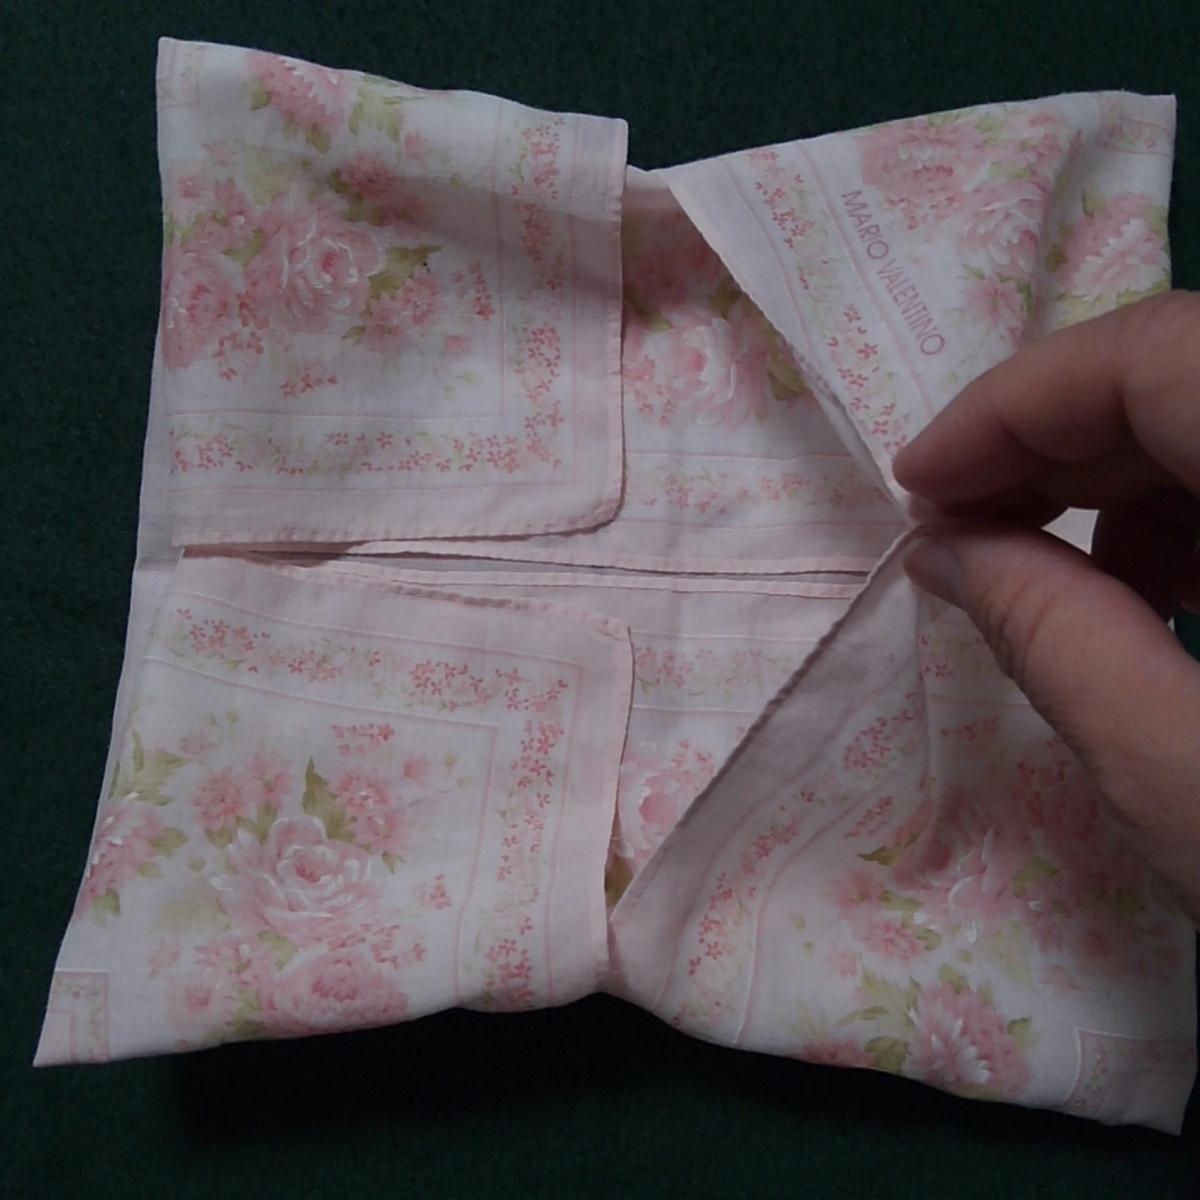 ハンカチ遊び ハンカチ折り紙 ハンカチのリボン